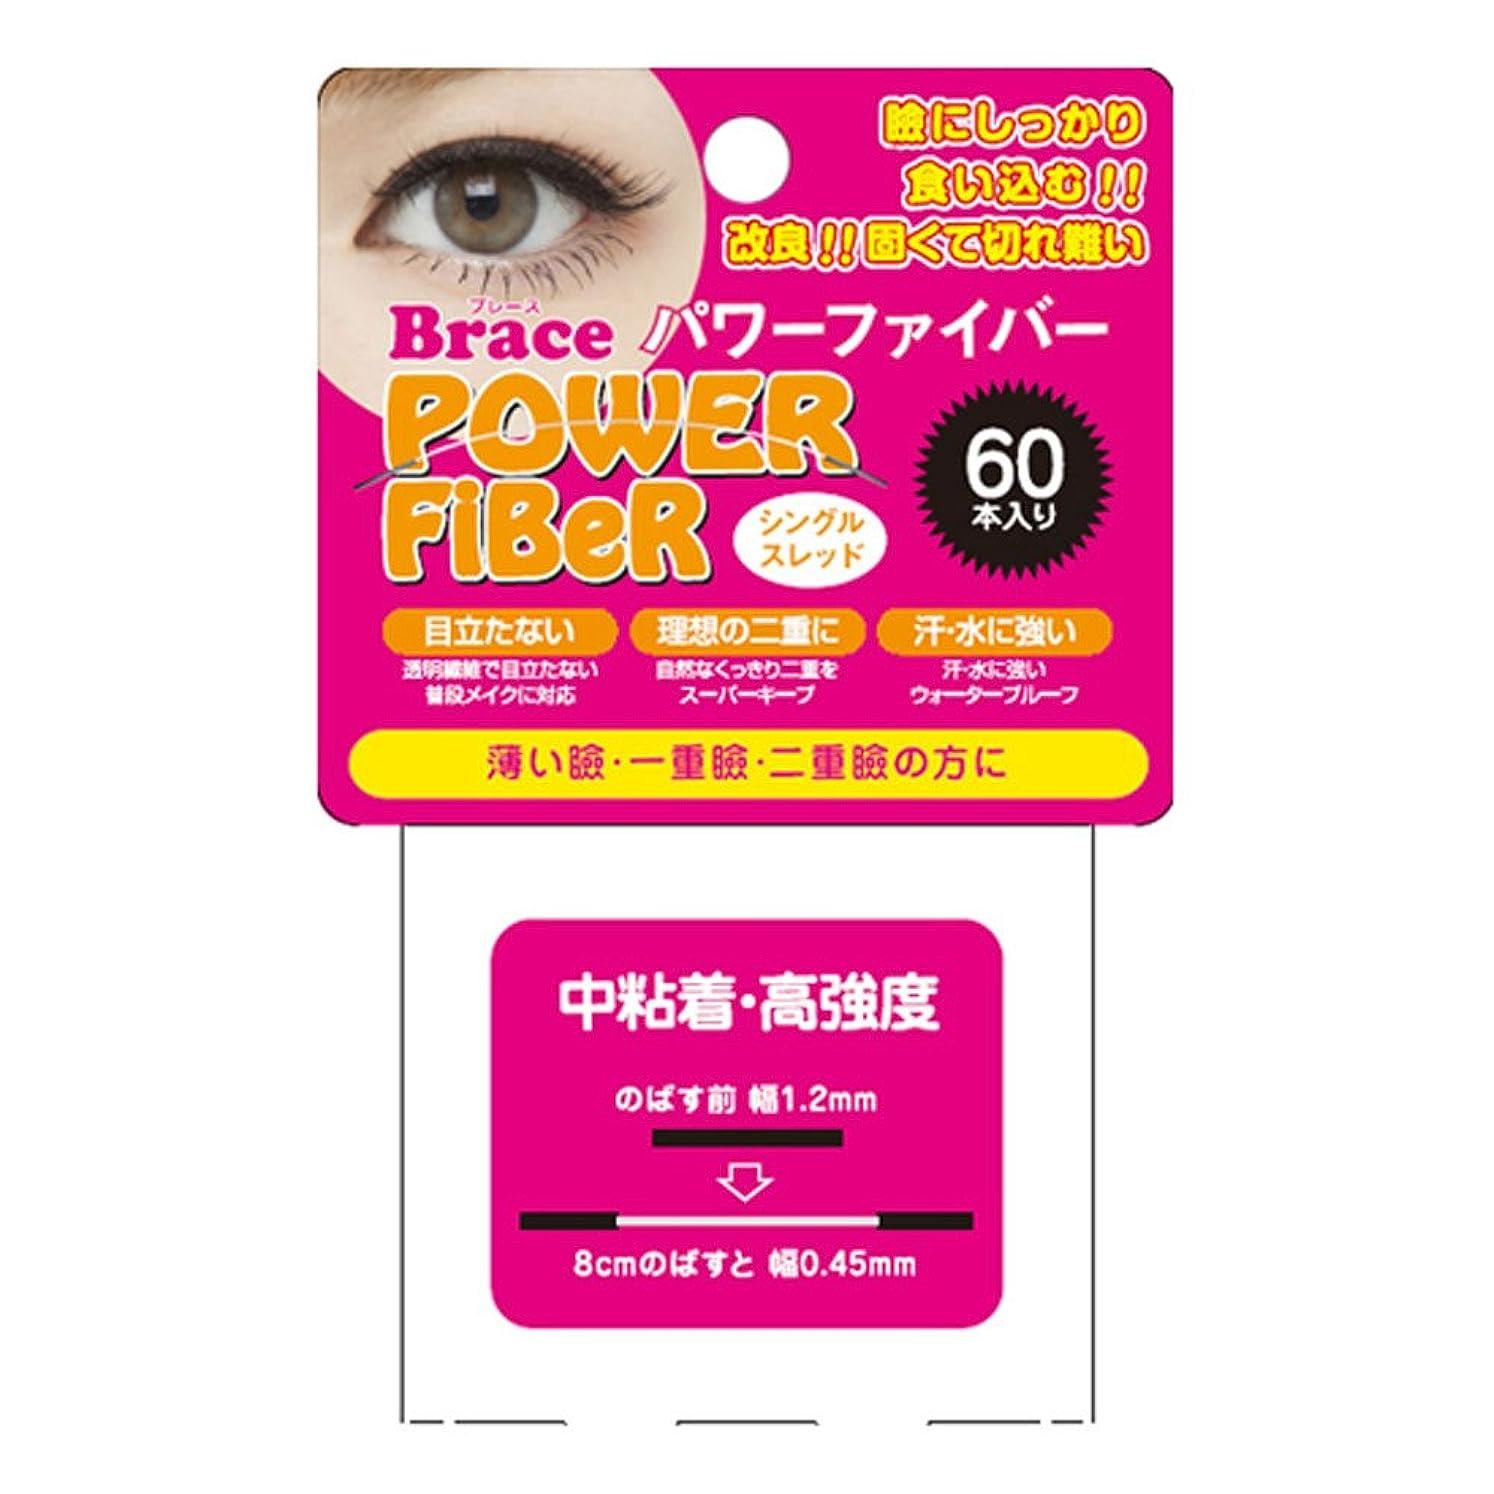 文化なぞらえる裁判所Brace ブレース パワーファイバー シングルスレッド クリア 1.2mm 60本入 (眼瞼下垂防止用テープ)